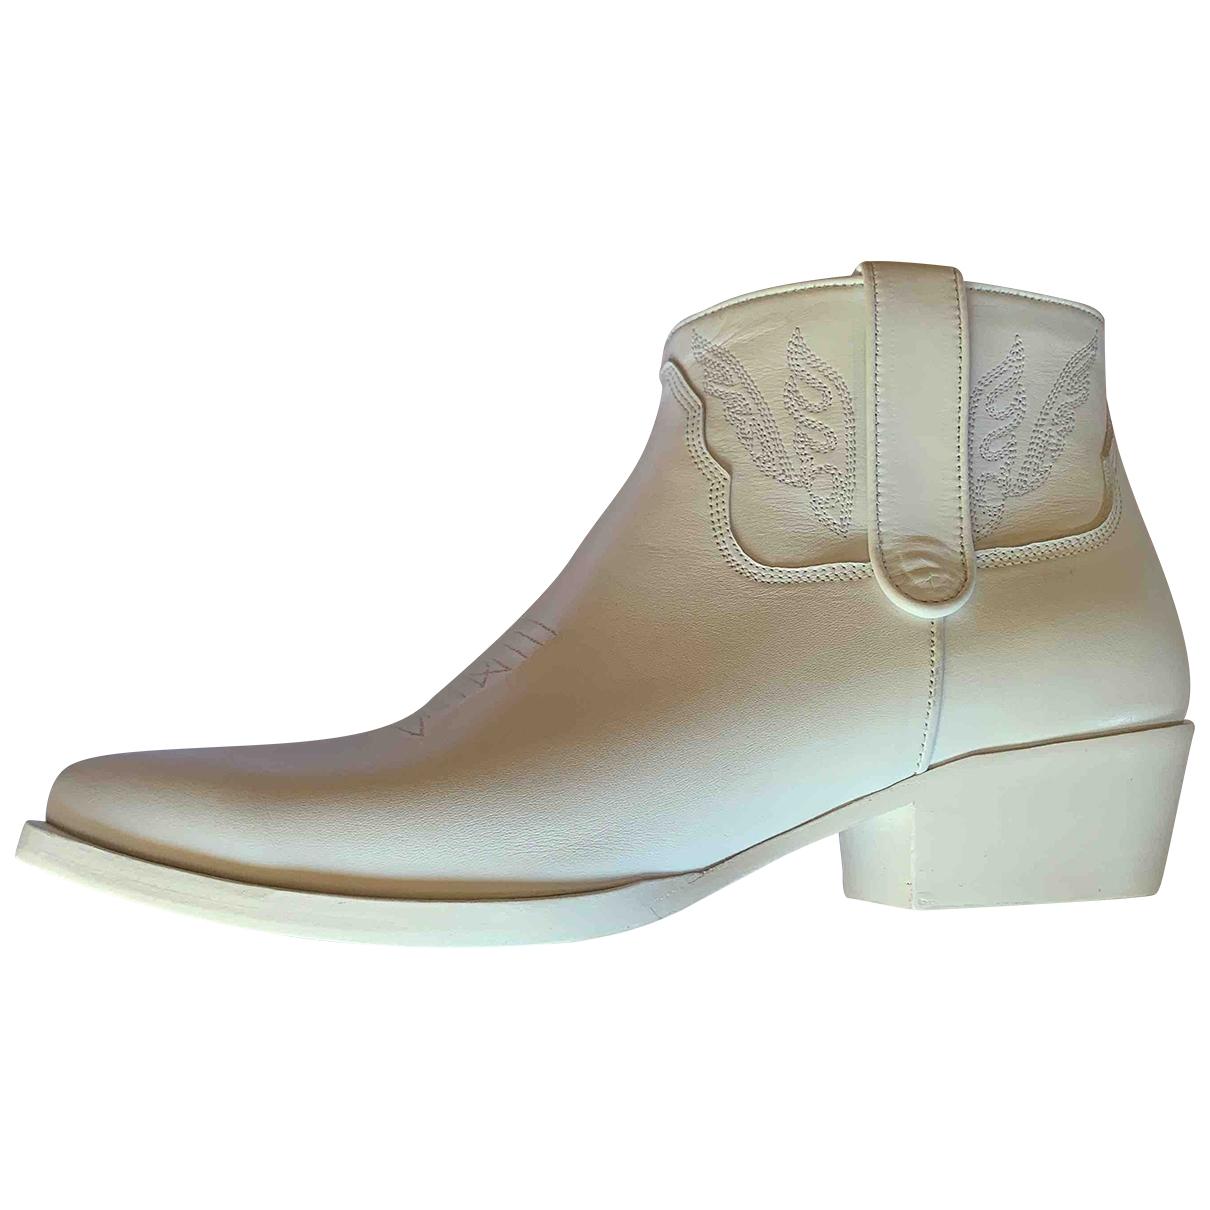 Anine Bing - Bottes   pour femme en cuir - blanc